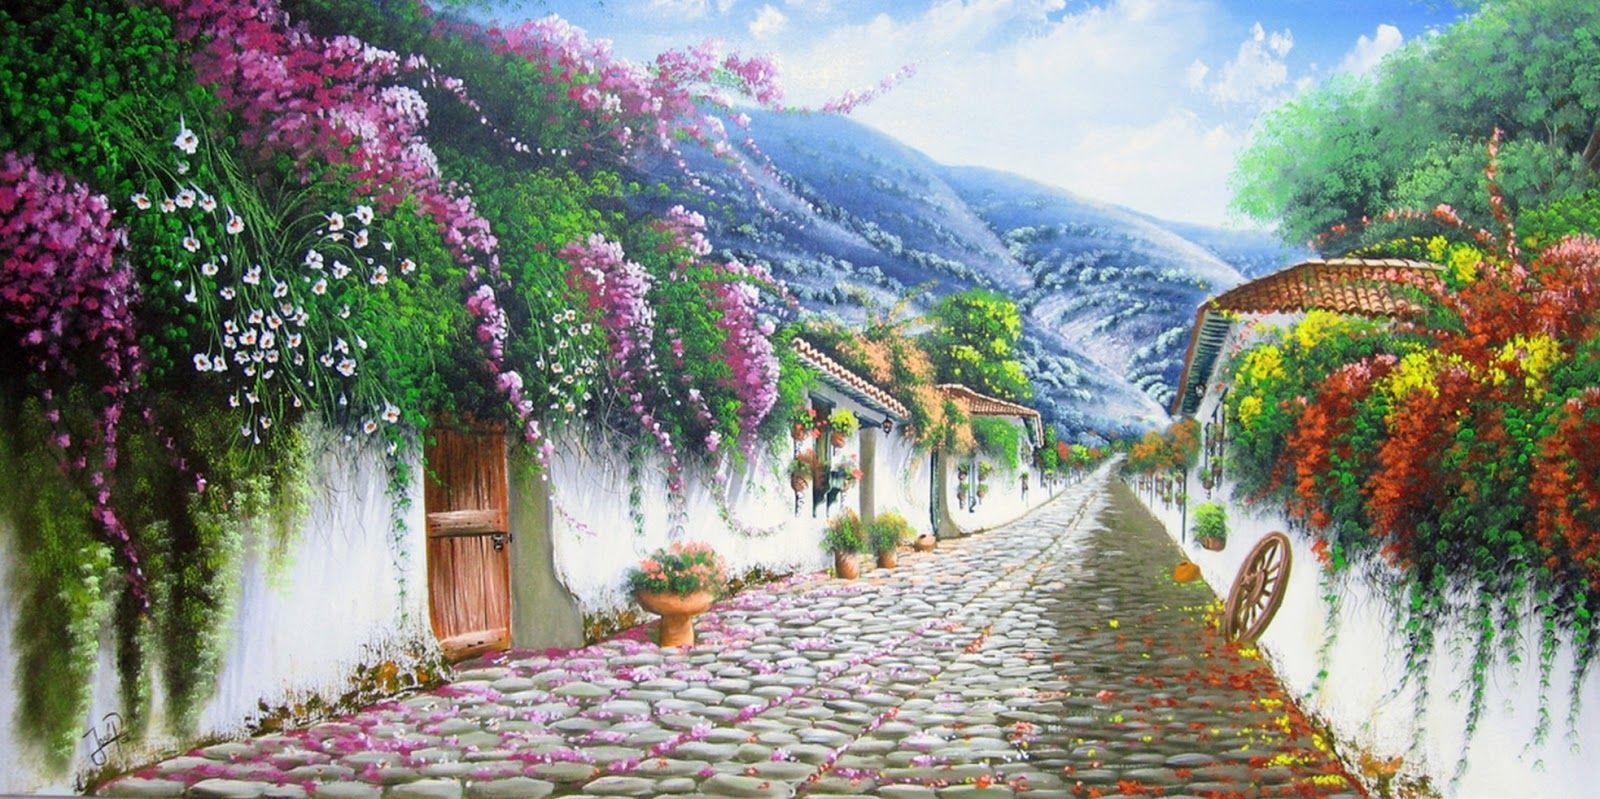 Jose Raul Rodriguez Galan Colombia Landscape Rural Landscape Landscape Paintings